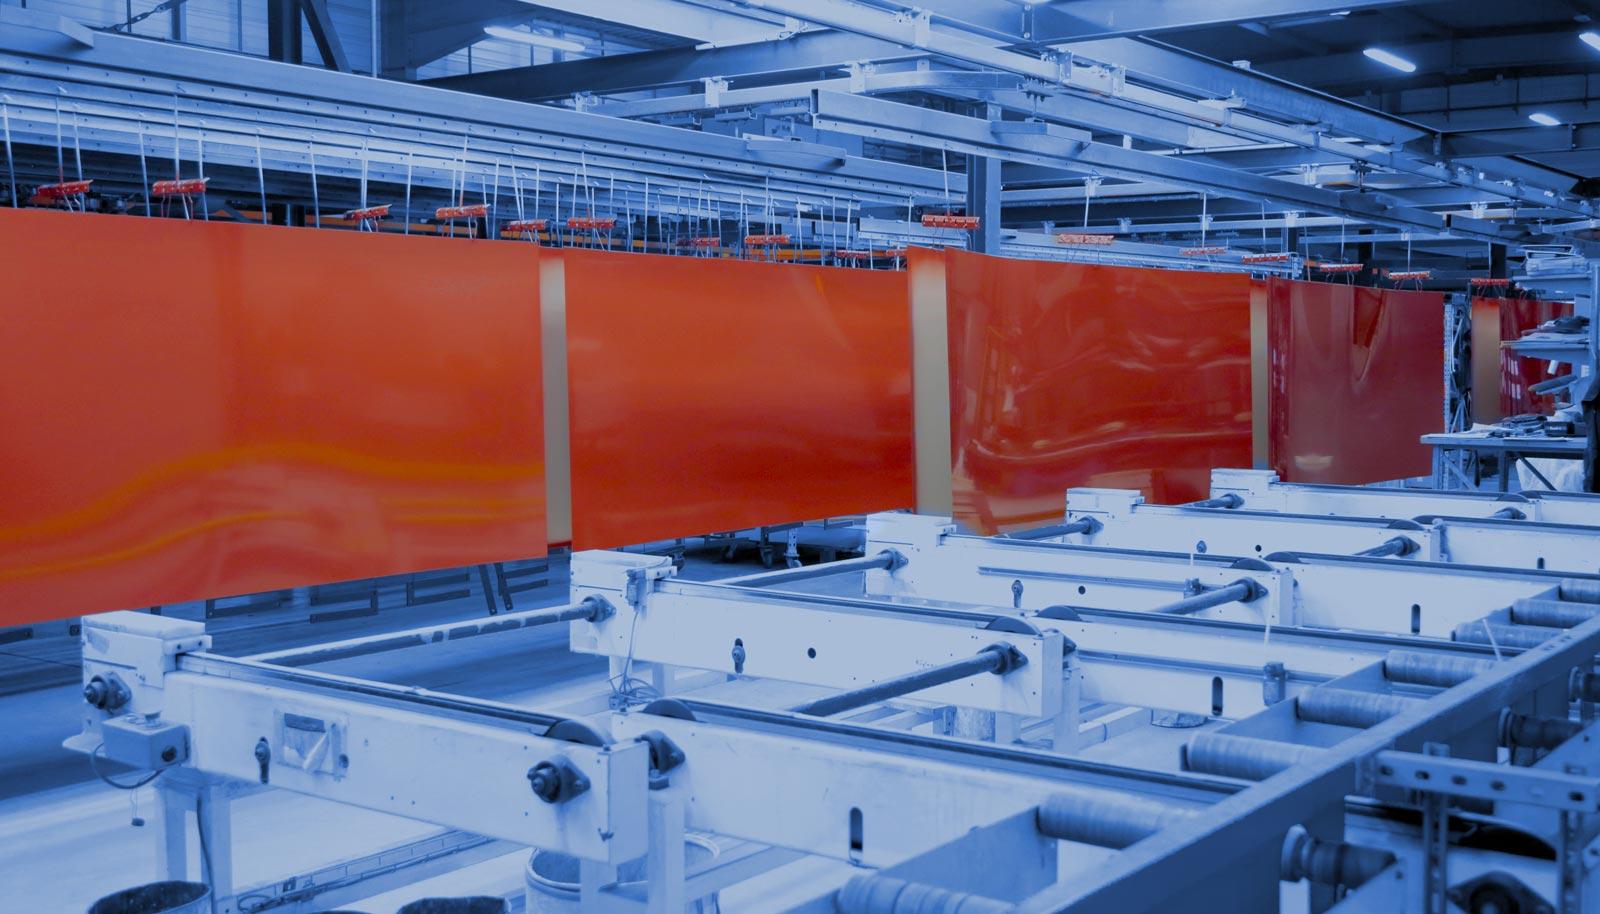 Tôles aluminium peintes en rouge